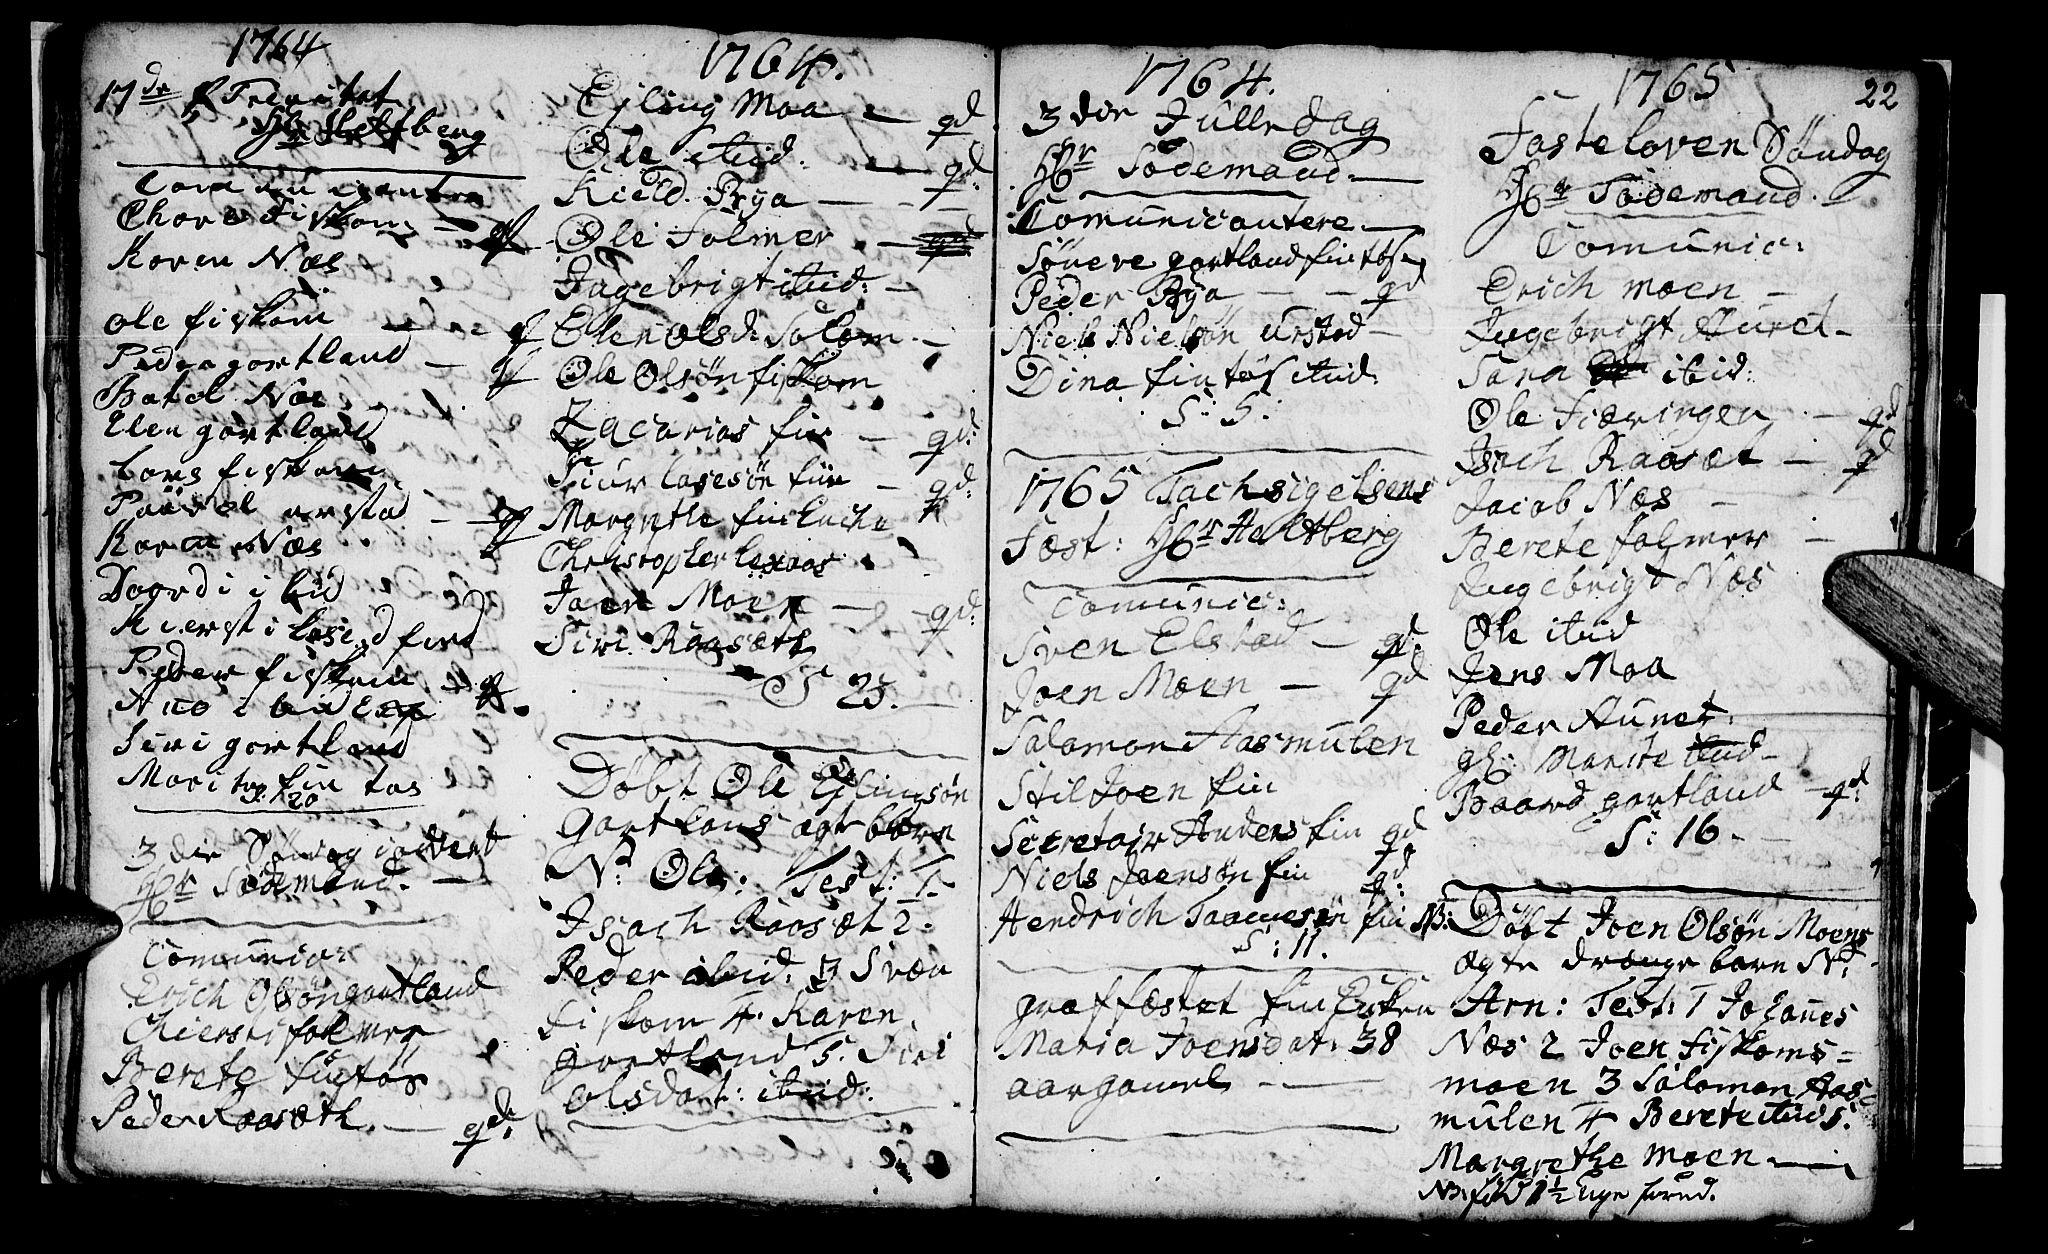 SAT, Ministerialprotokoller, klokkerbøker og fødselsregistre - Nord-Trøndelag, 759/L0526: Ministerialbok nr. 759A02, 1758-1765, s. 22